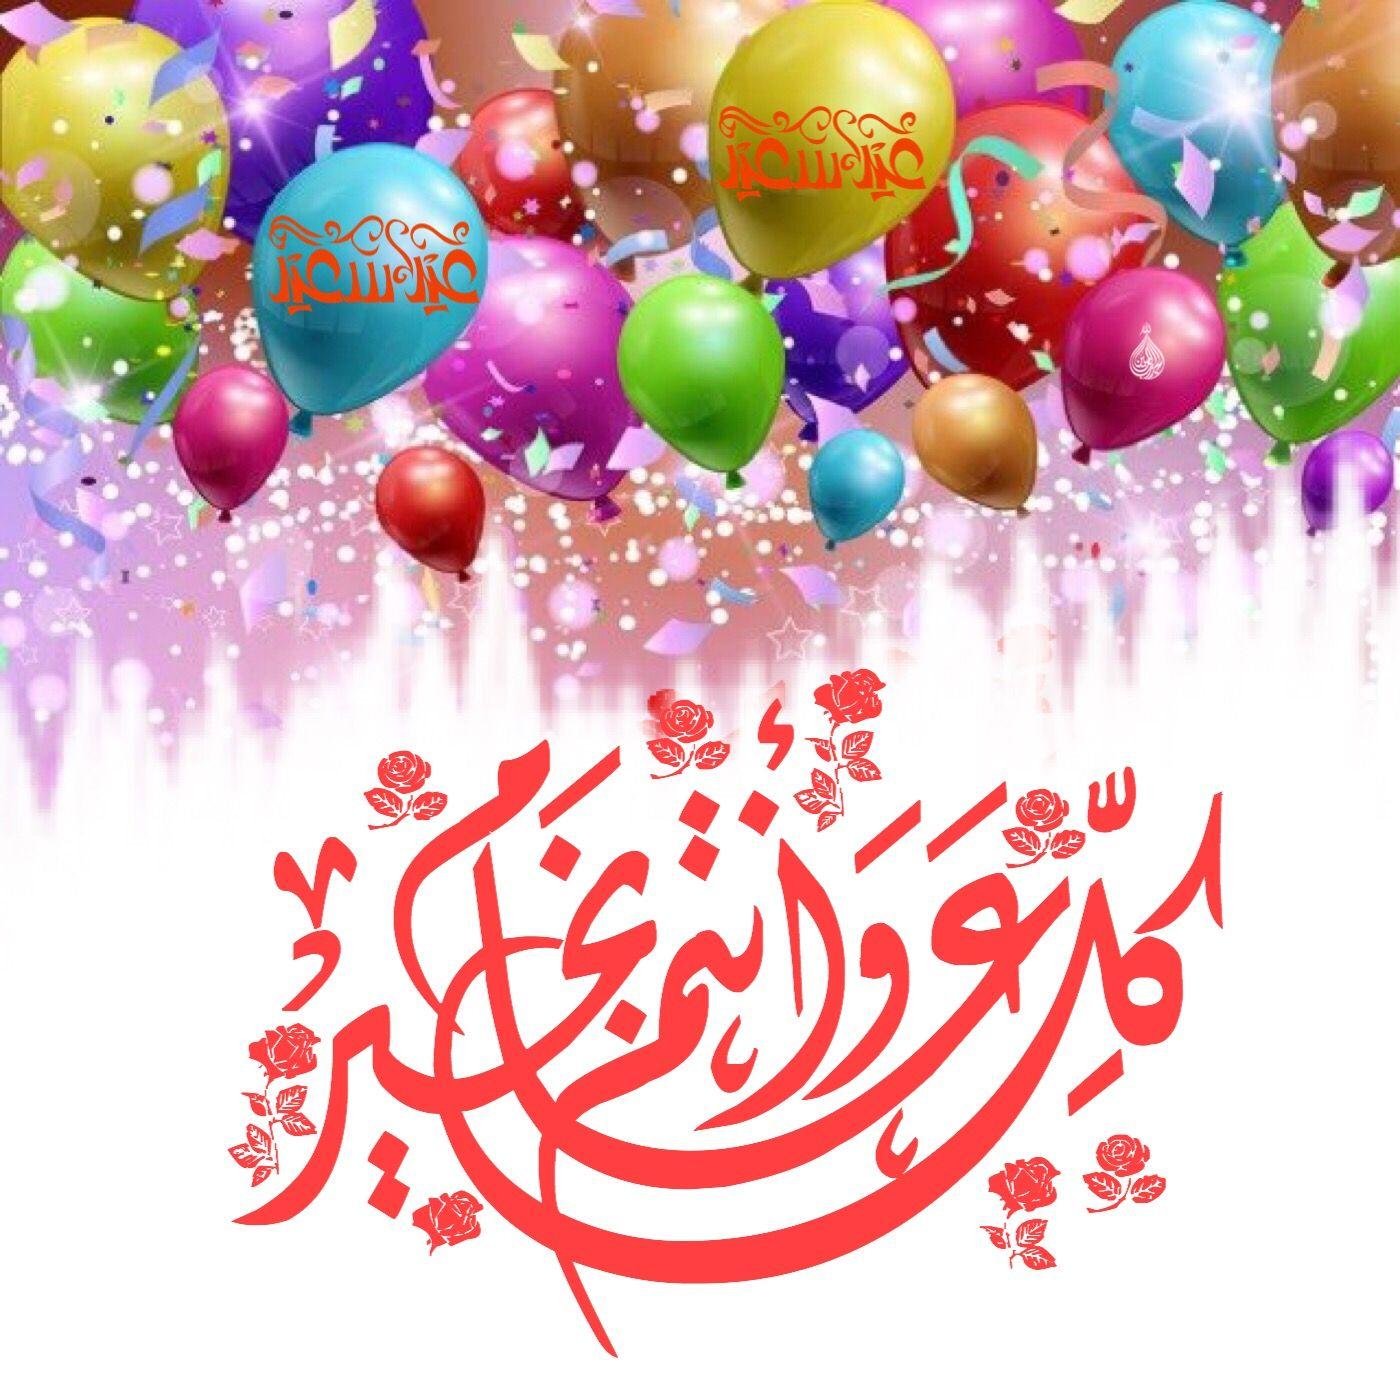 عيد سعيد كل عام وأنتم بخير